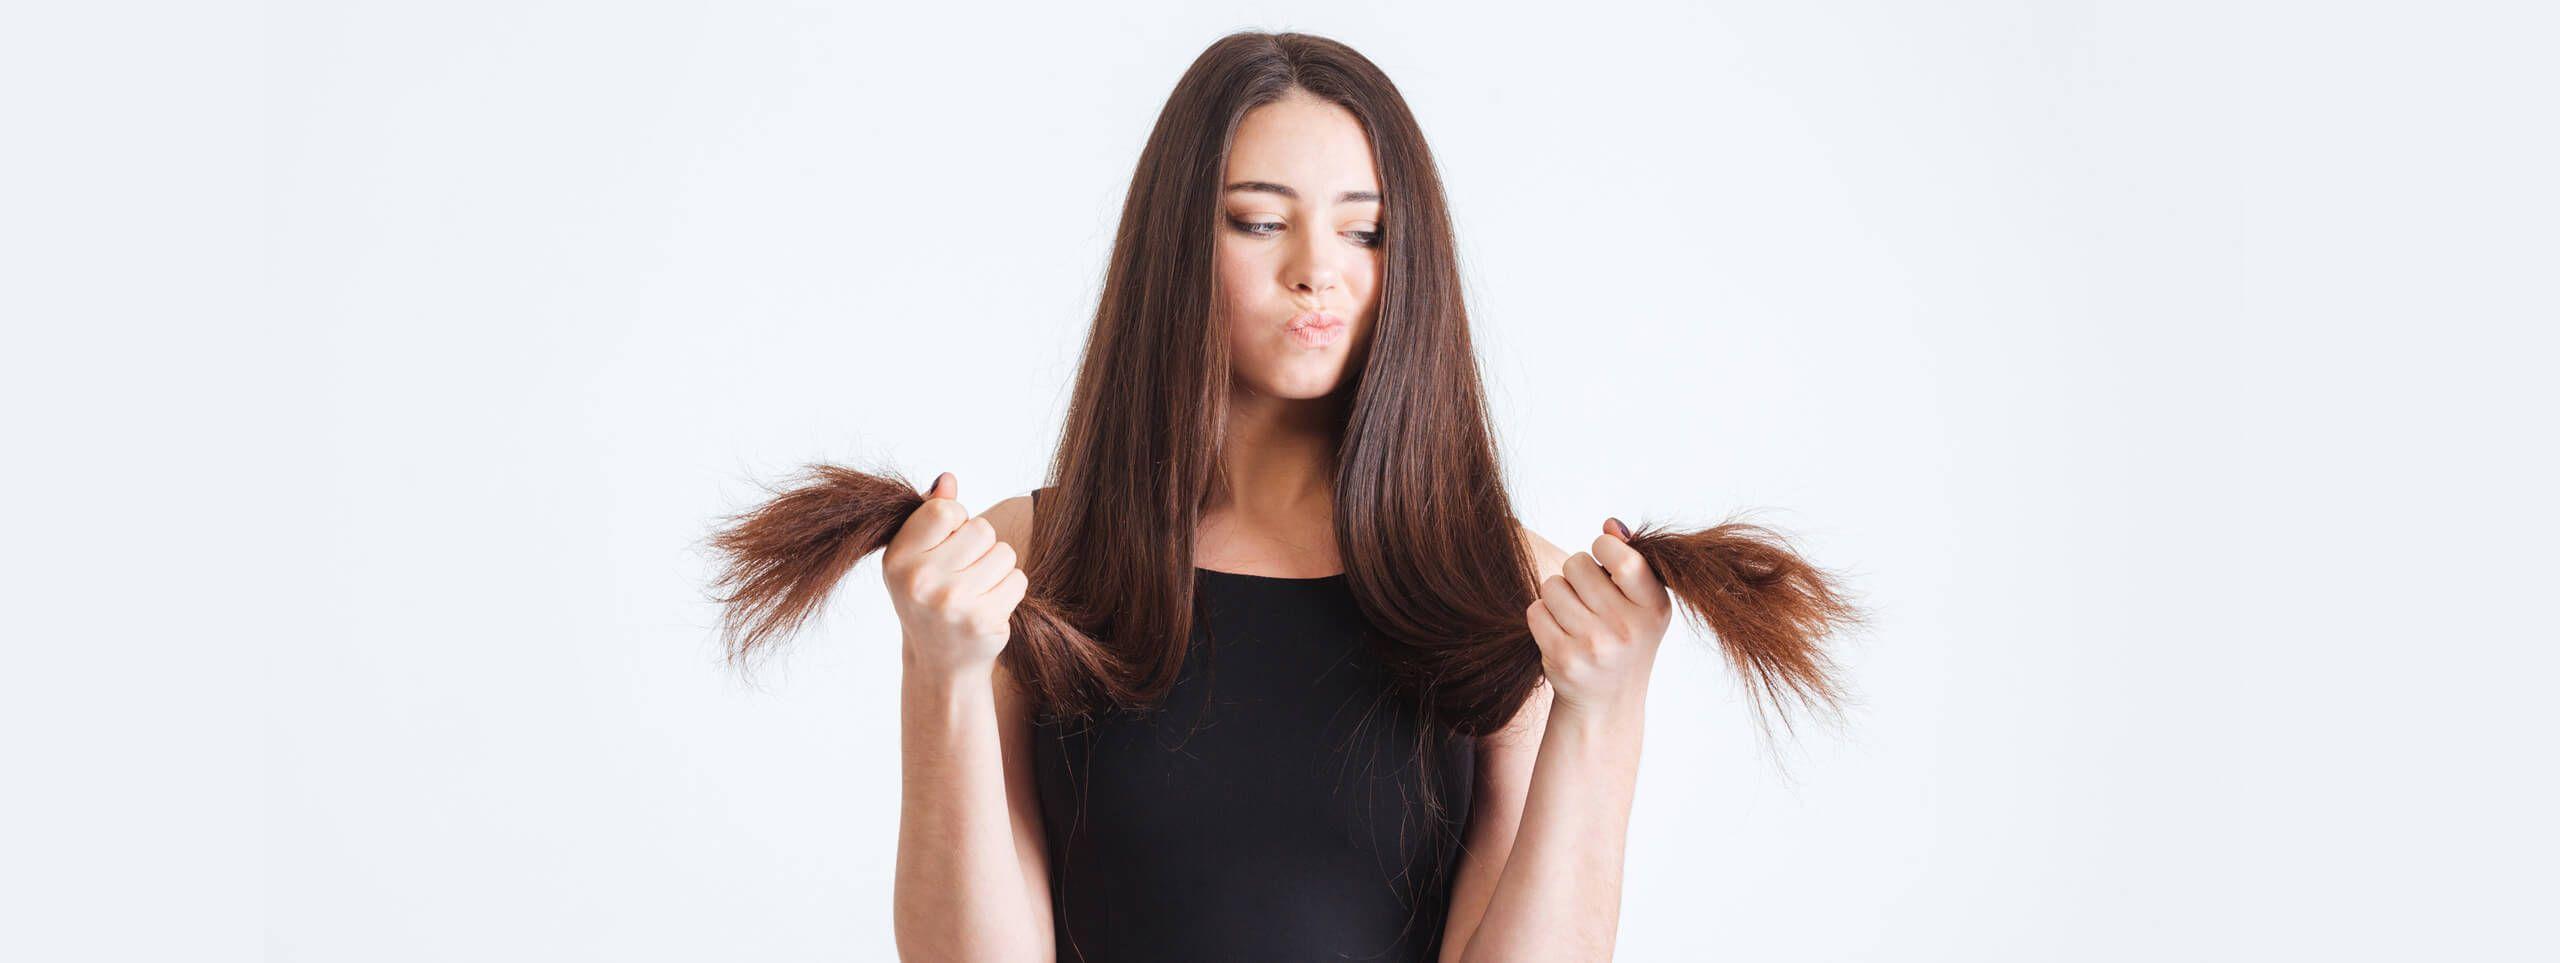 Kobieta o długich włosach z rozdwojonymi końcami